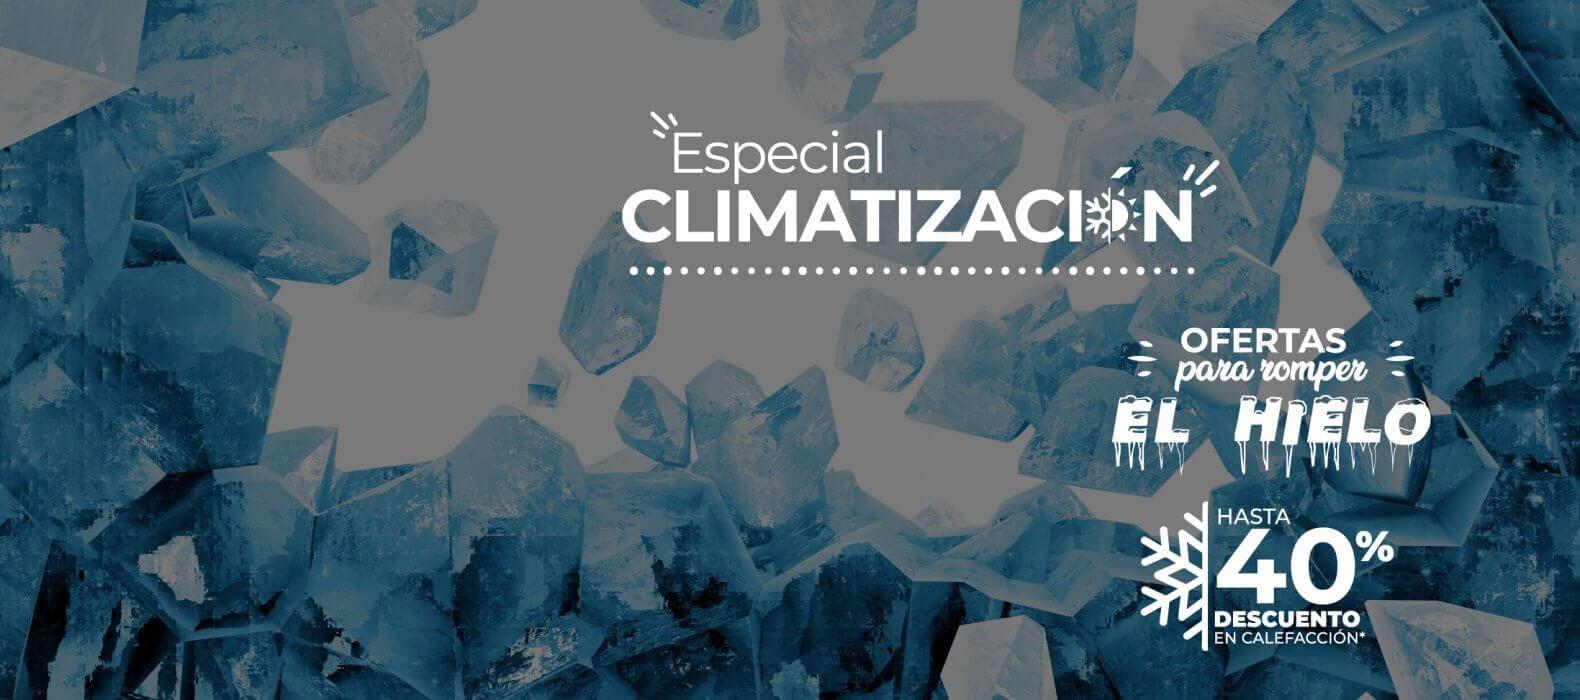 Especial Climatizacion agosto 2019